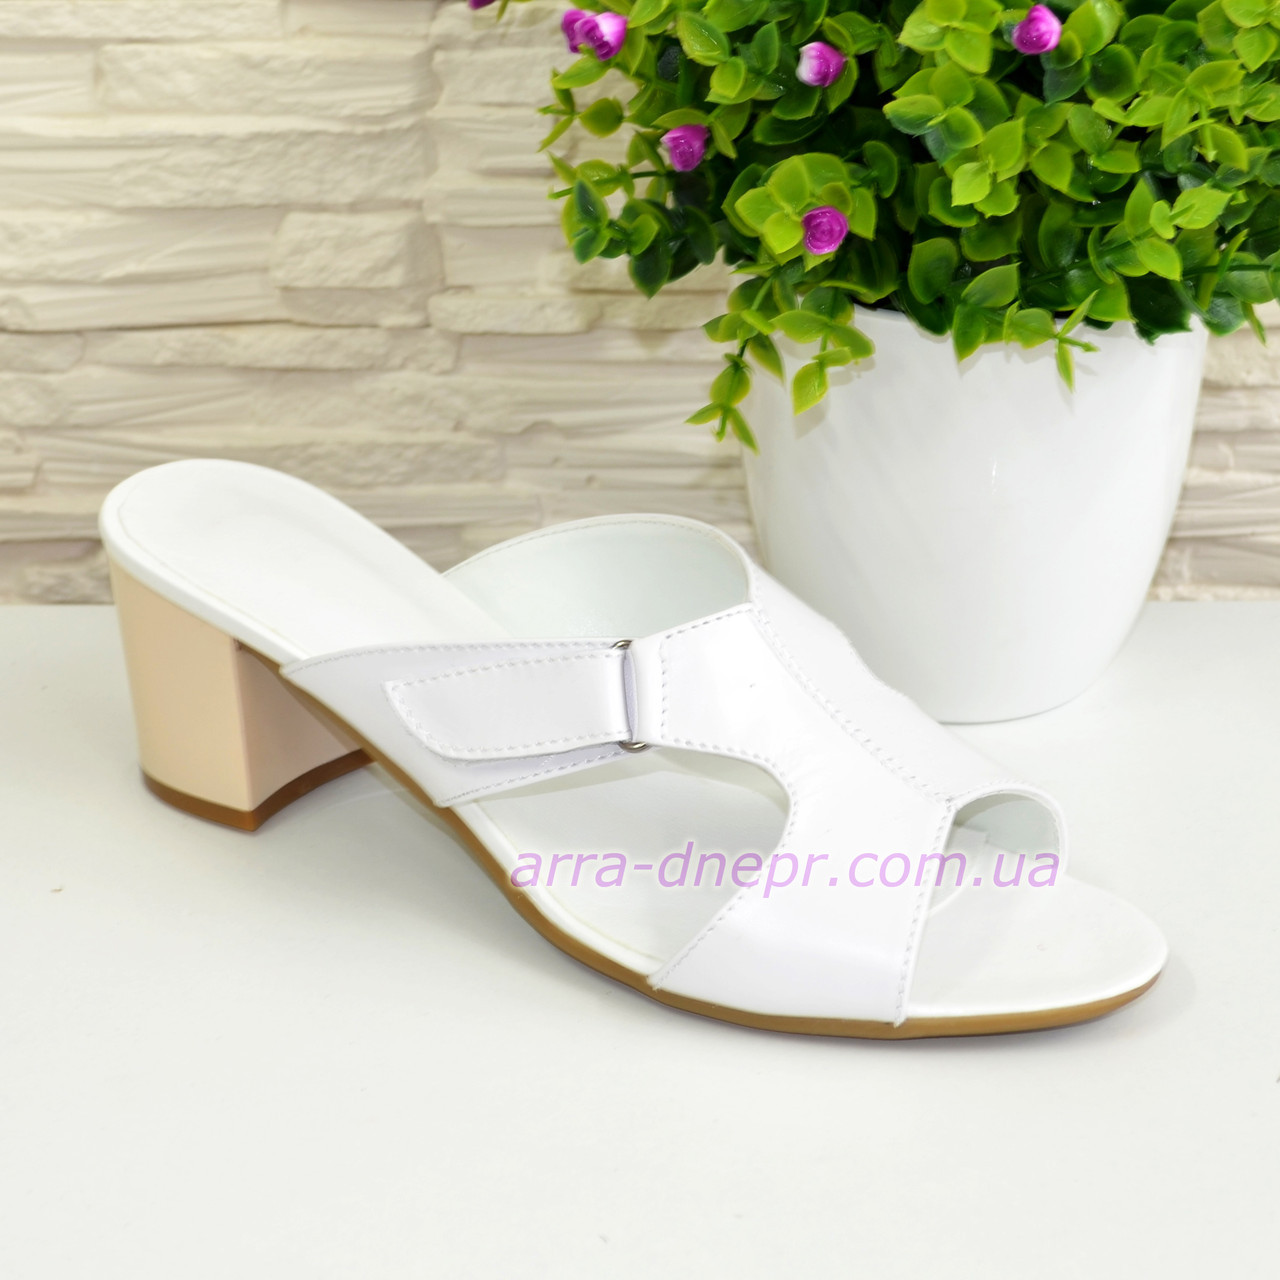 Шлепанцы женские белые на невысоком устойчивом каблуке